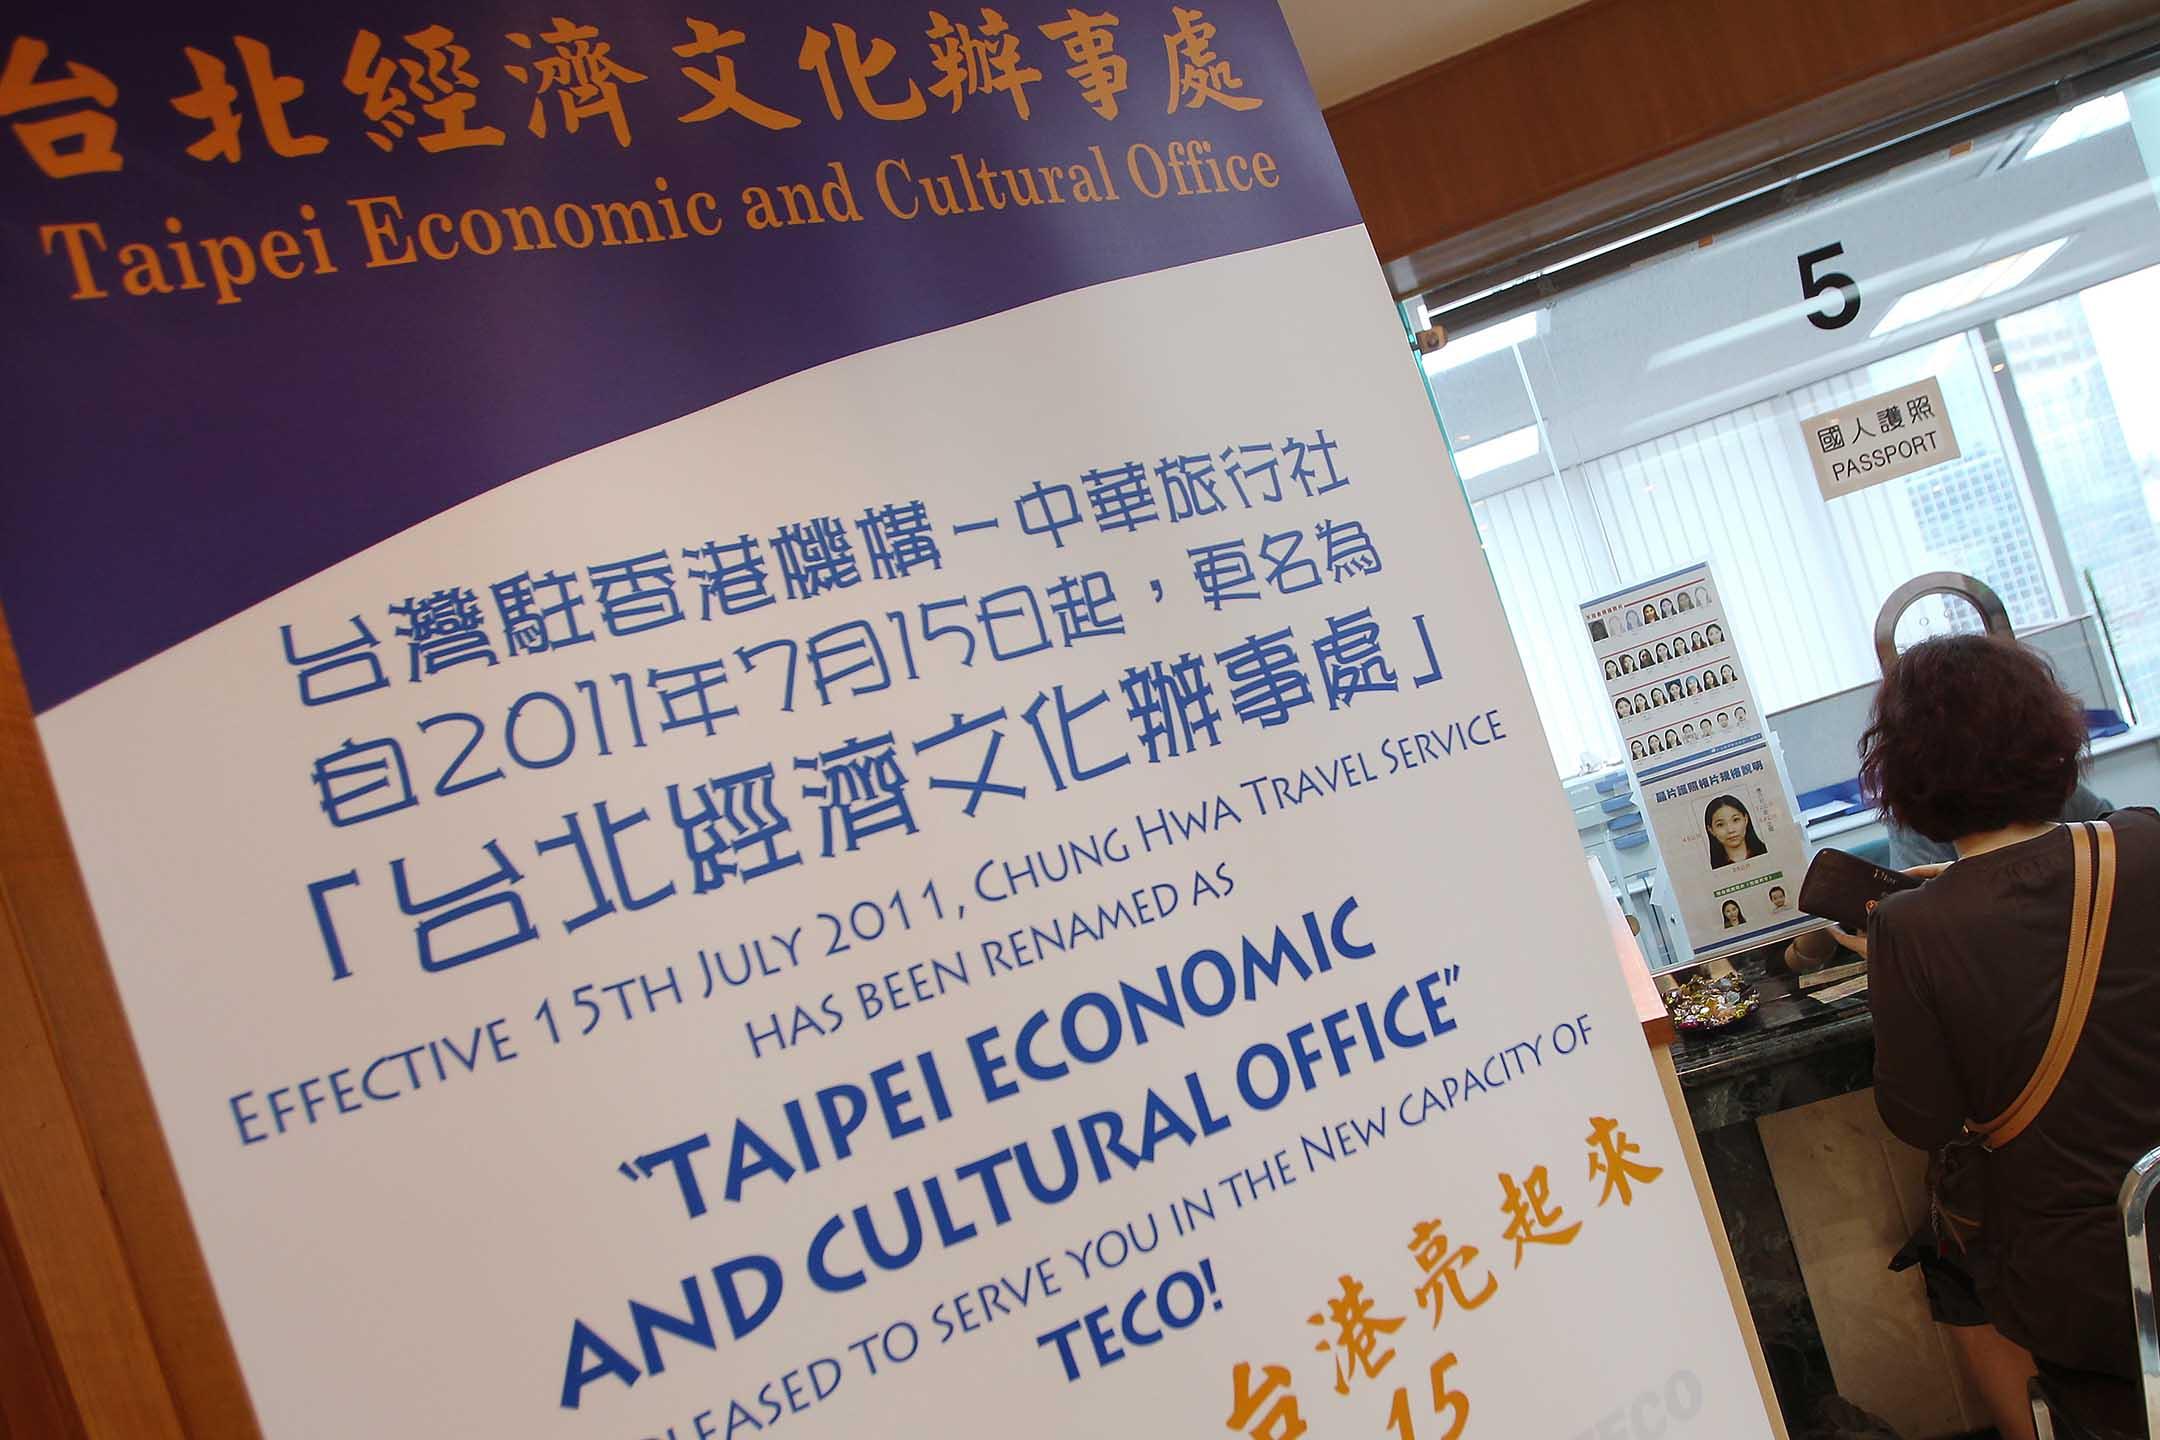 2011年7月15香港, 金鐘力寶中心台北經濟文化辦事處。